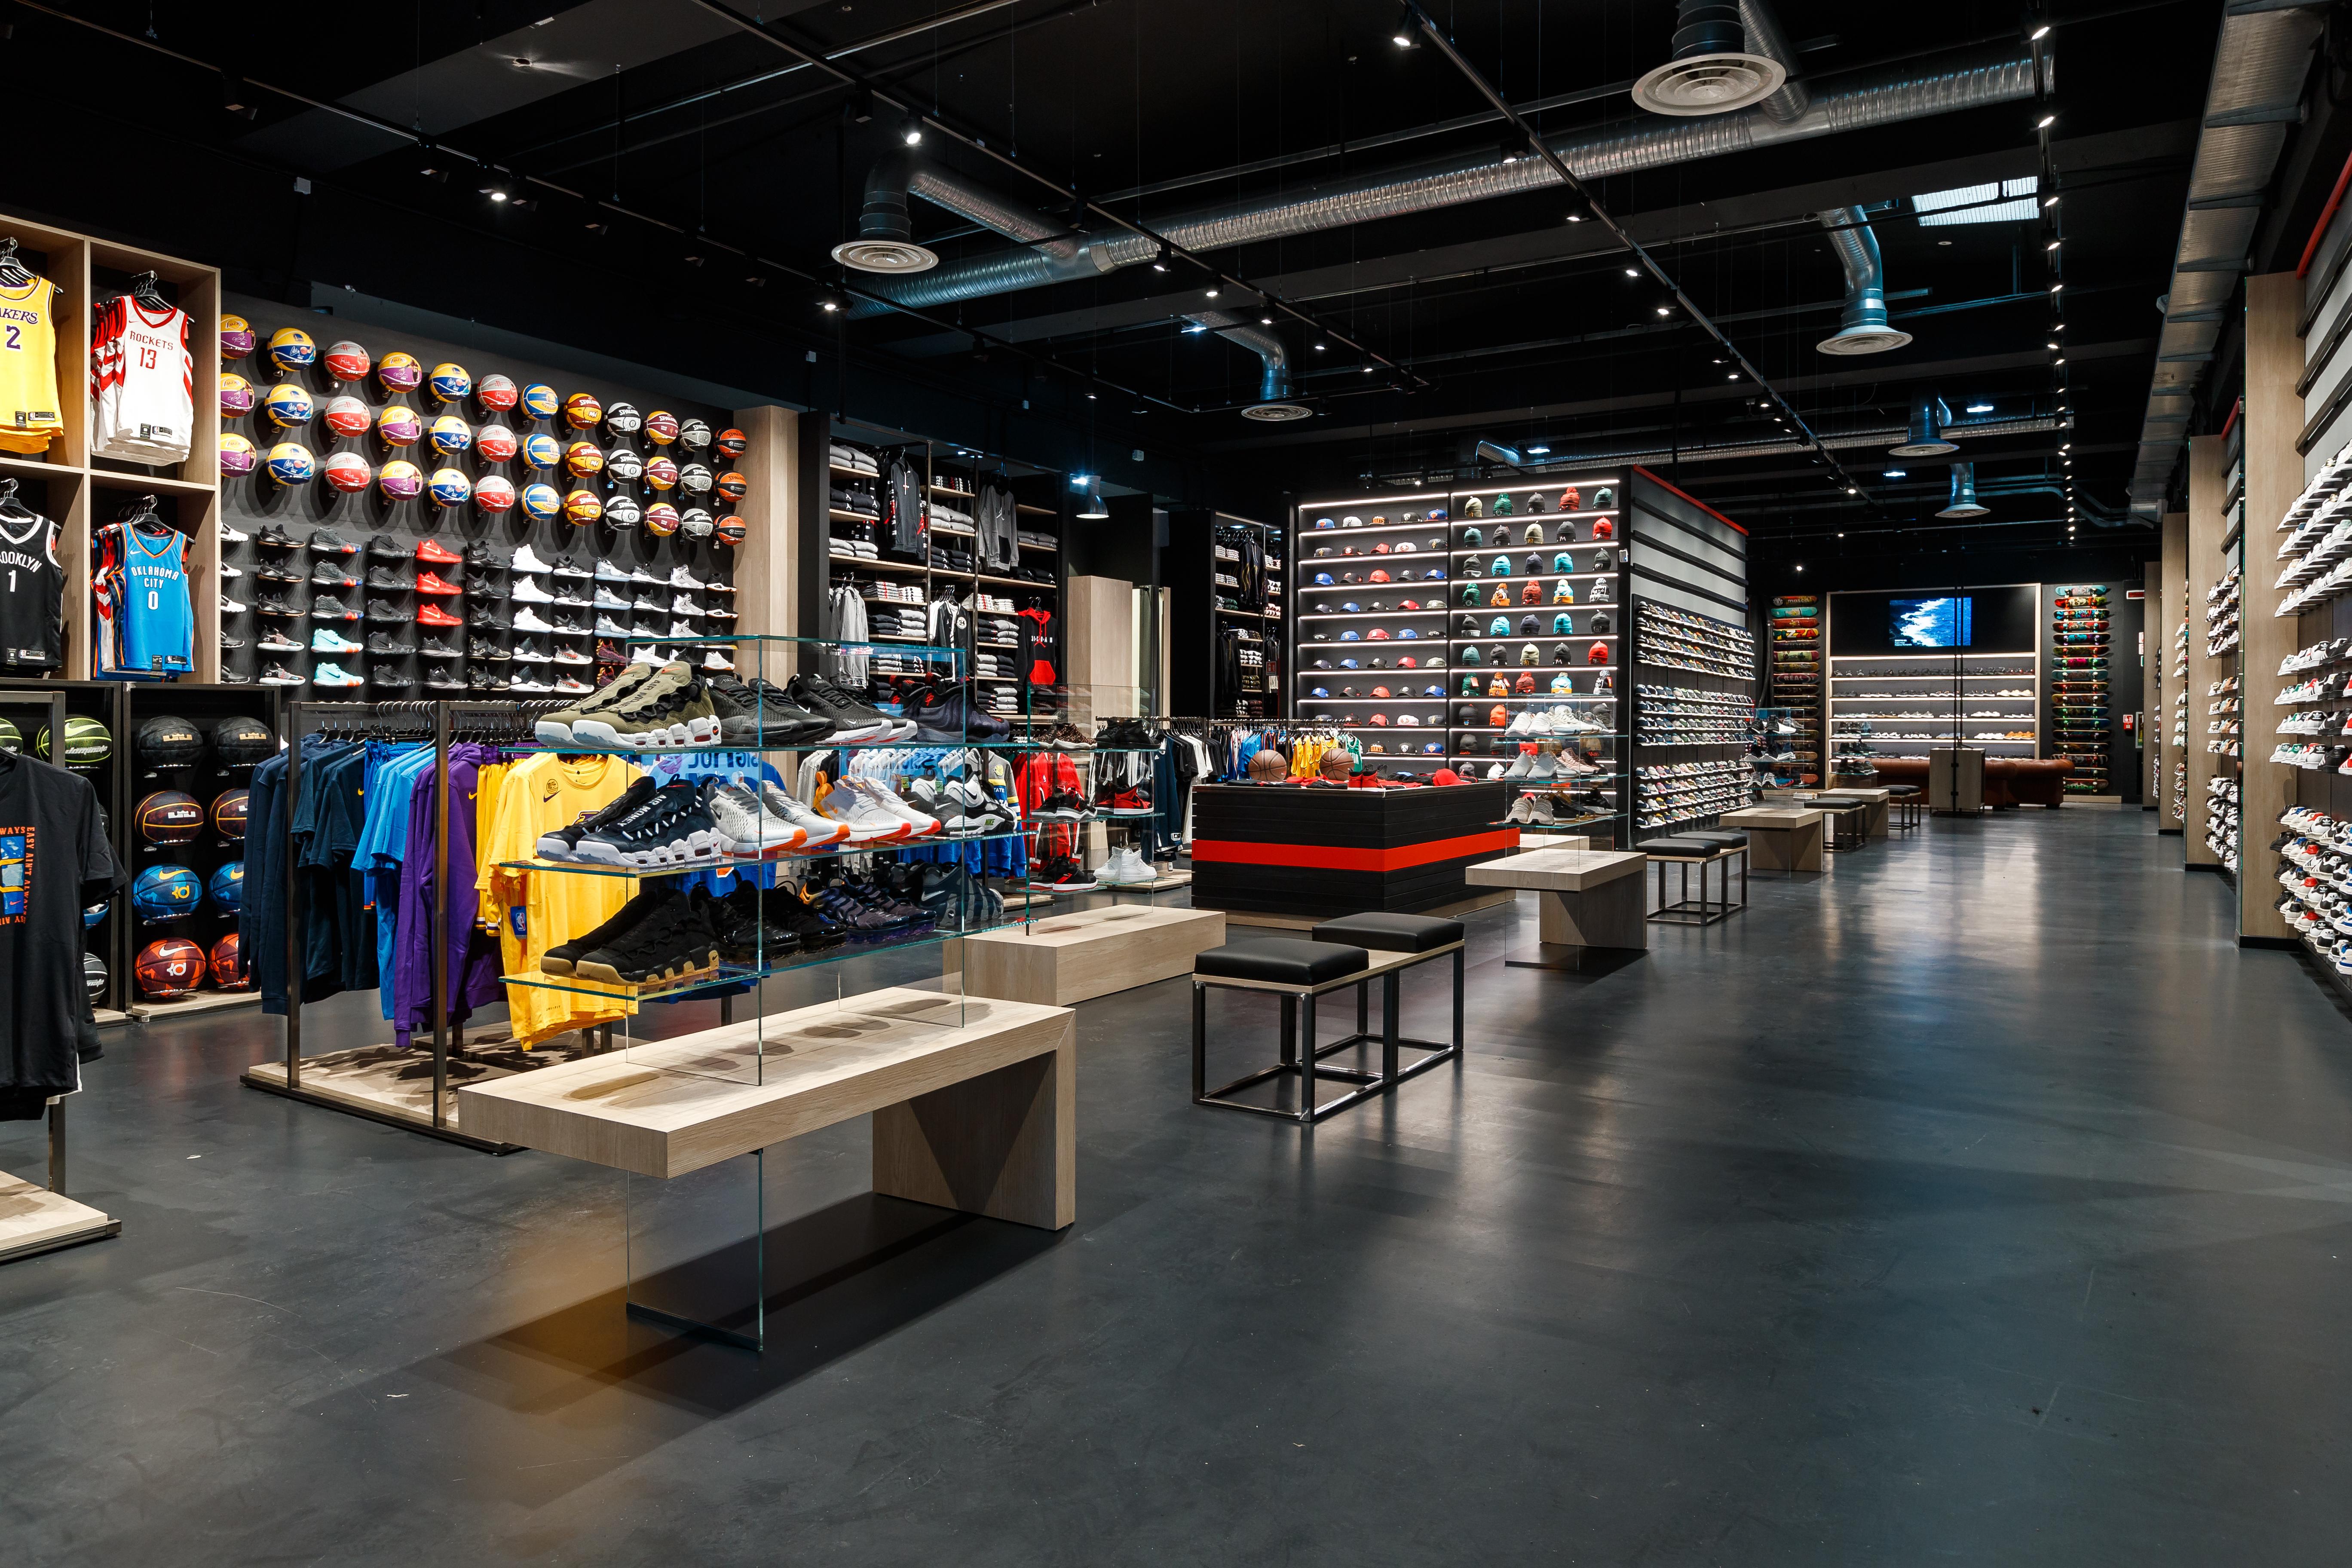 b42e11e00e3c Sacchi Studio Luce si è occupato della proposta illuminotecnica inerente  all'impianto del nuovo punto vendita Maxi Sport di Brescia, situato in via  ...